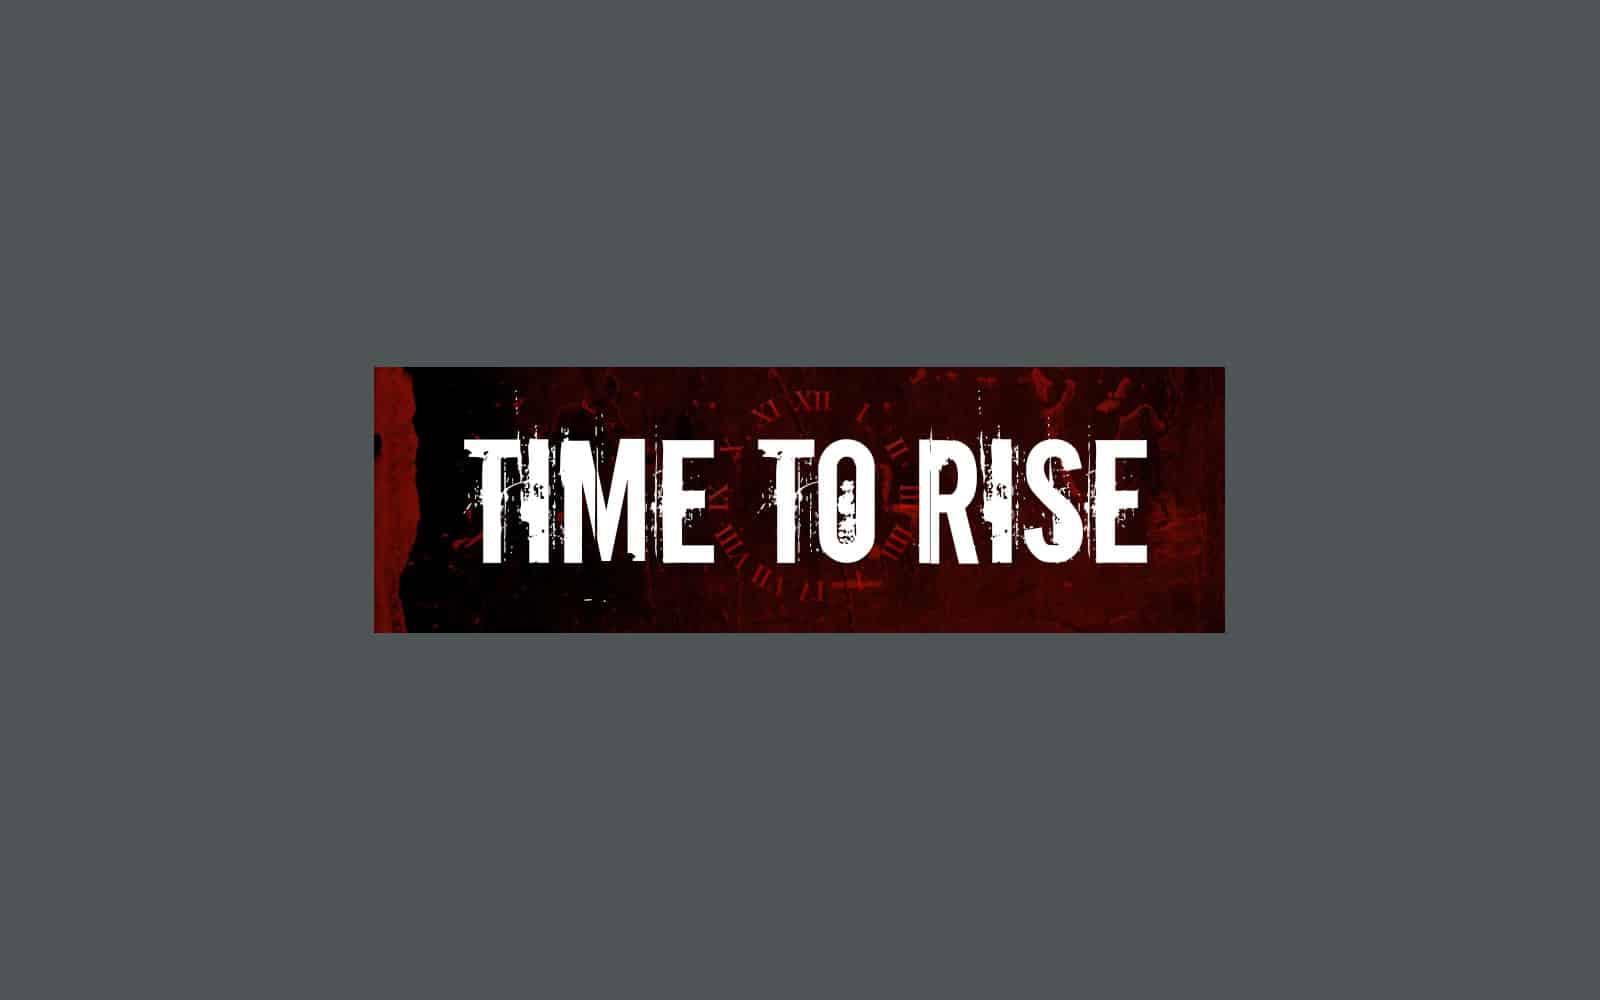 facebook-titelbild-time-to-rise-musikband-social-network-liebespixel-logo-kirchheim